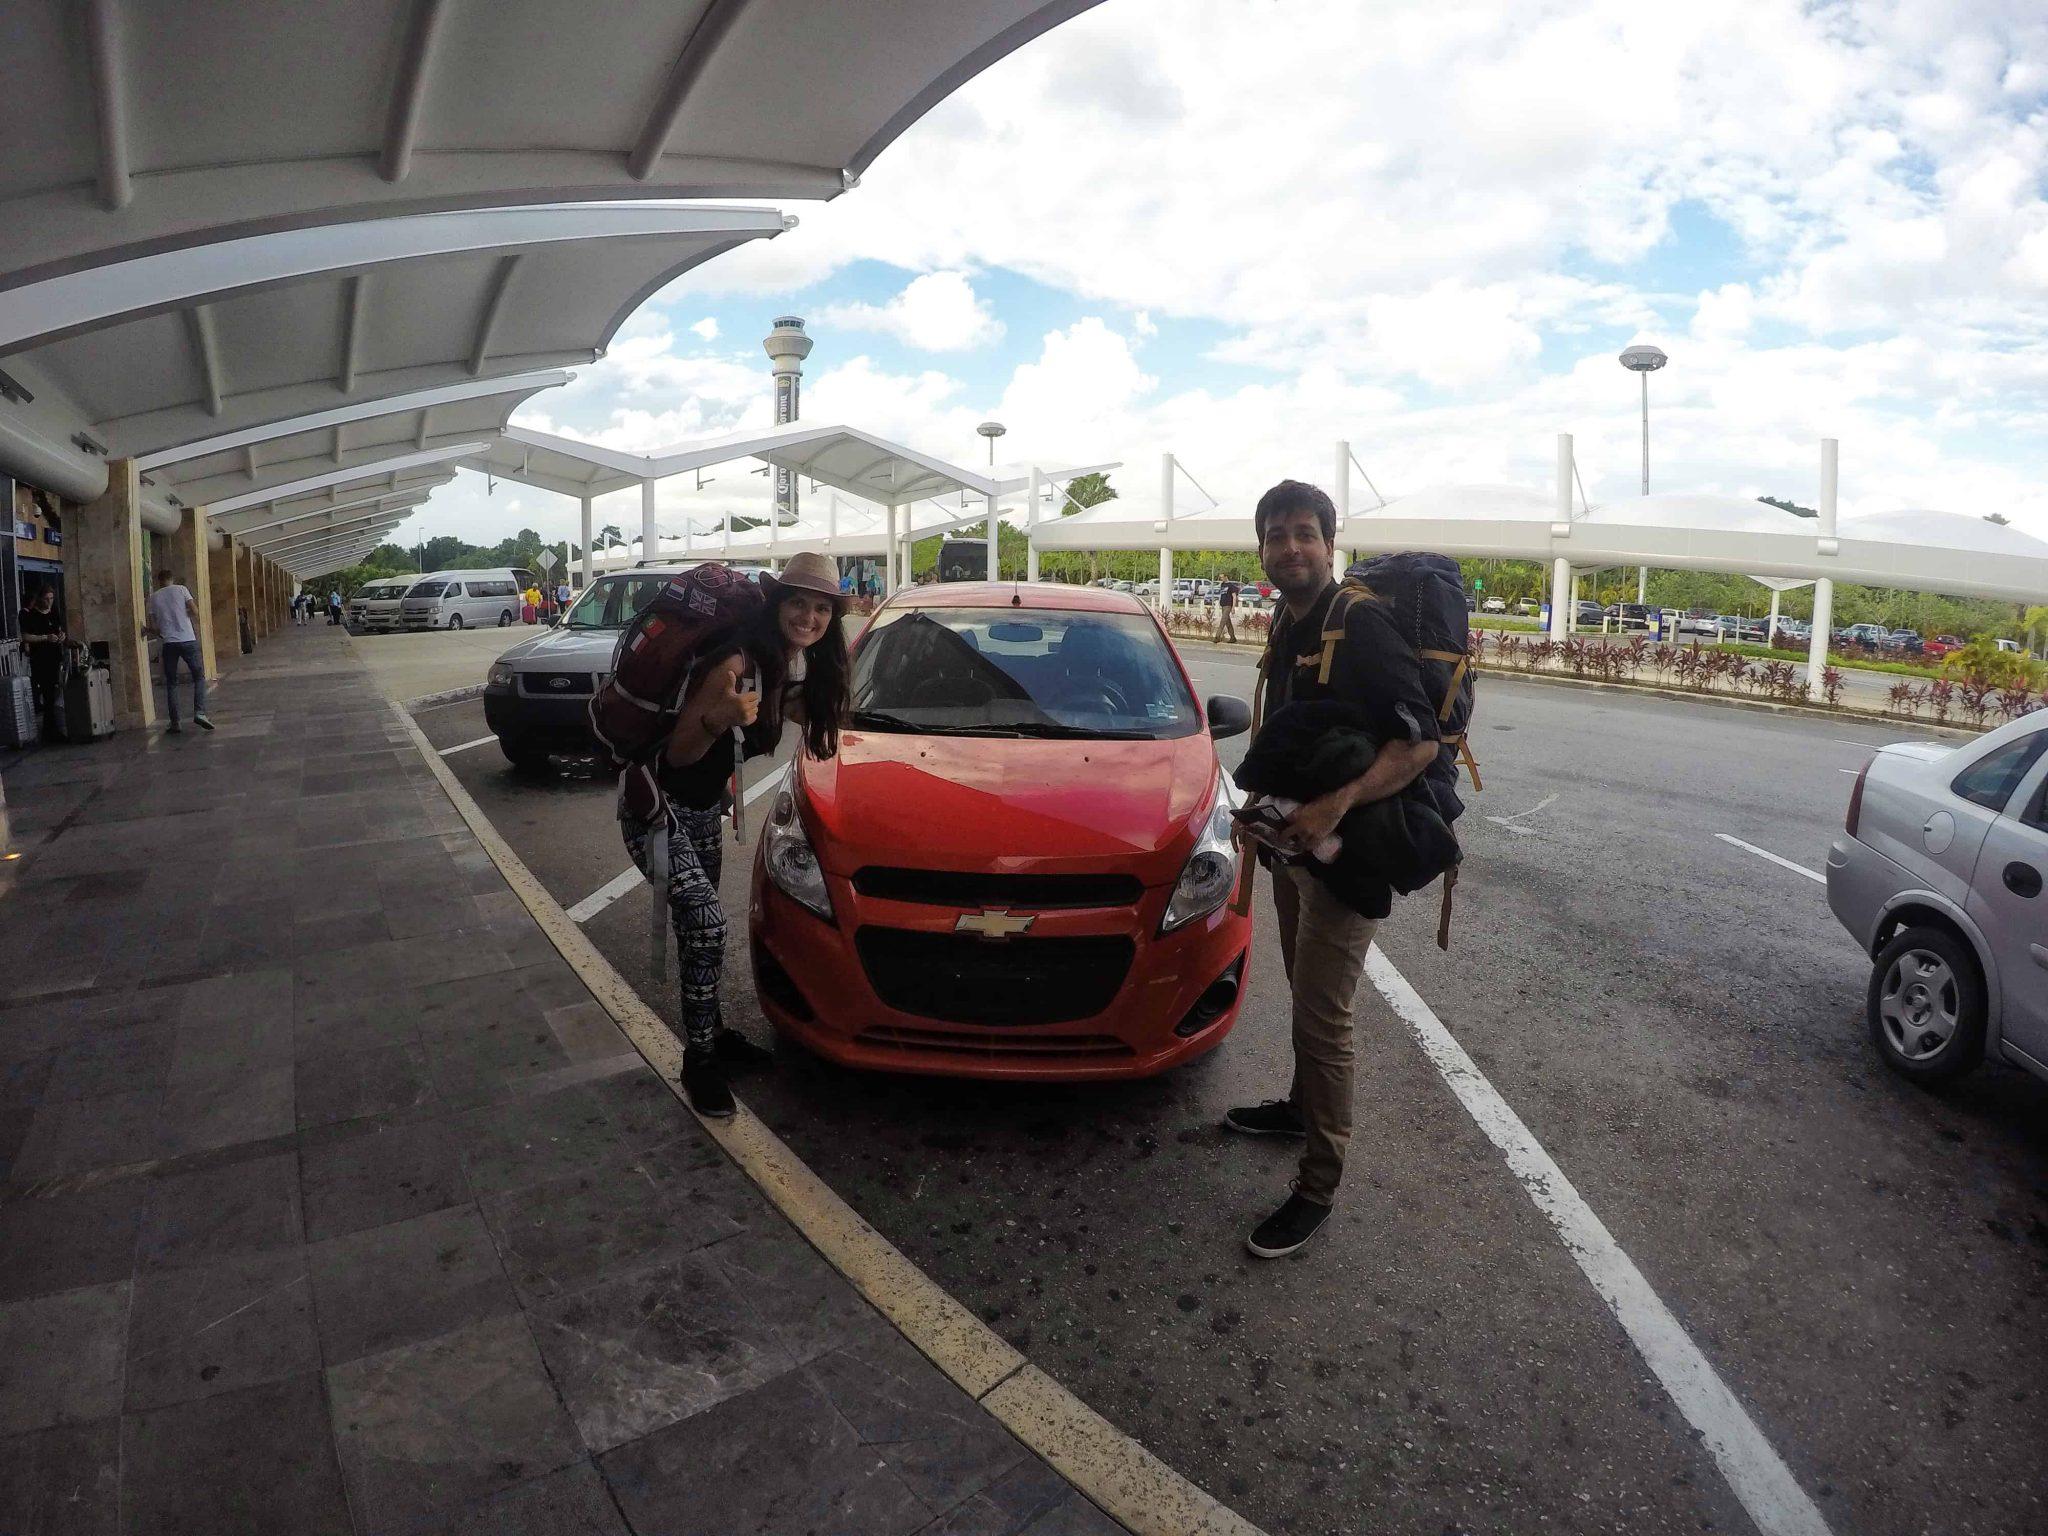 Alugar um carro no México